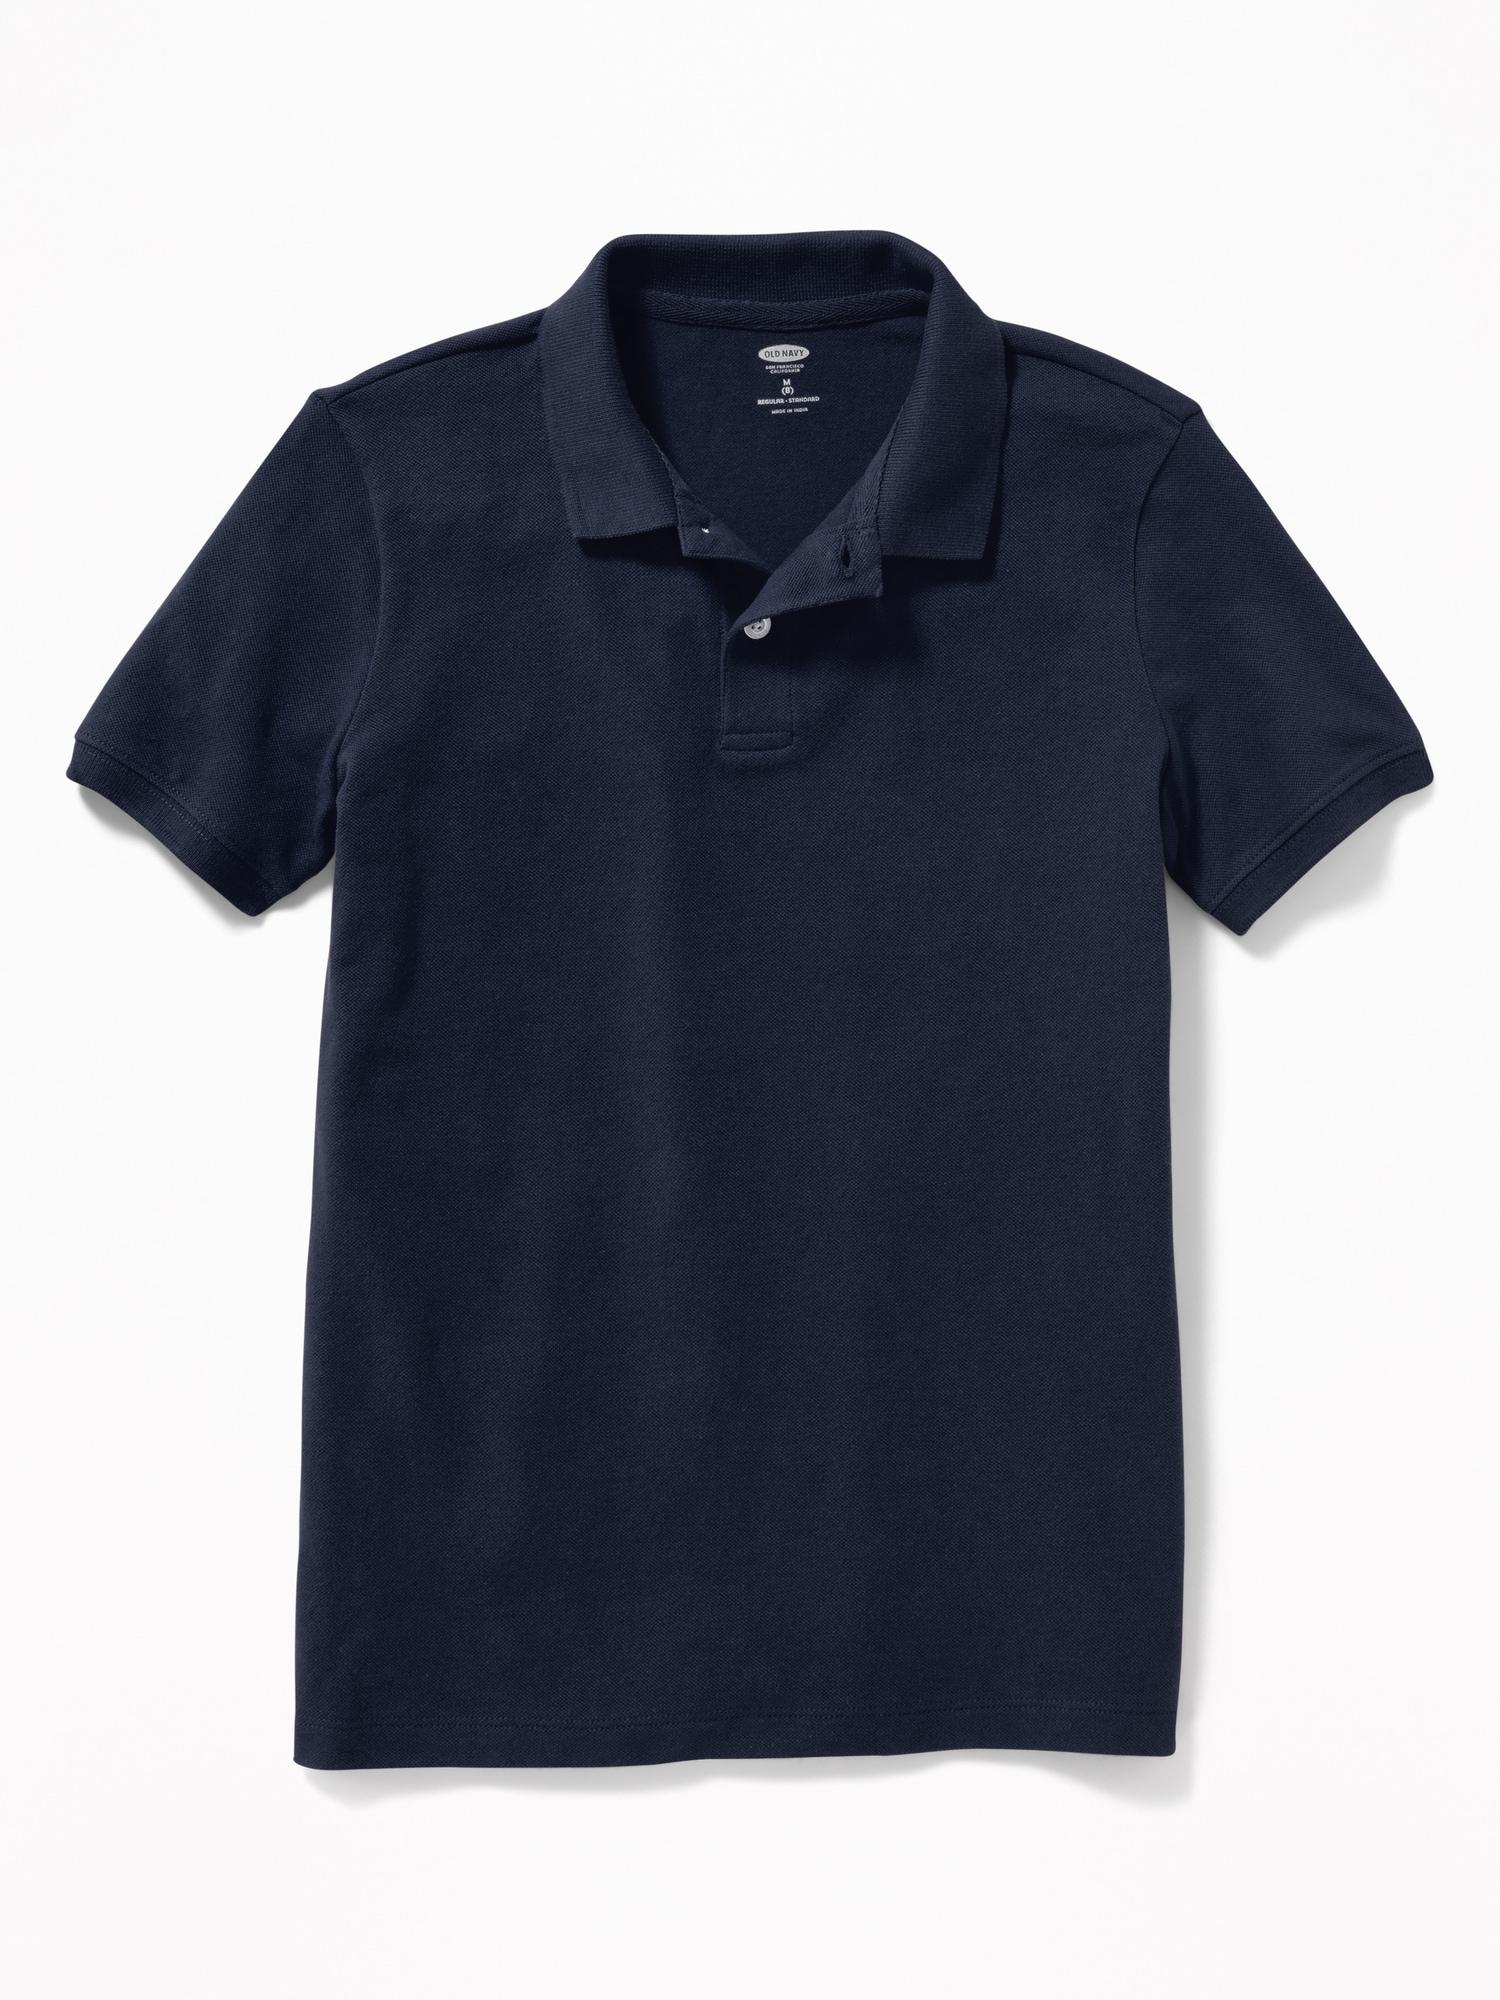 *Hot Deal* Uniform Built-In Flex Pique Polo for Boys